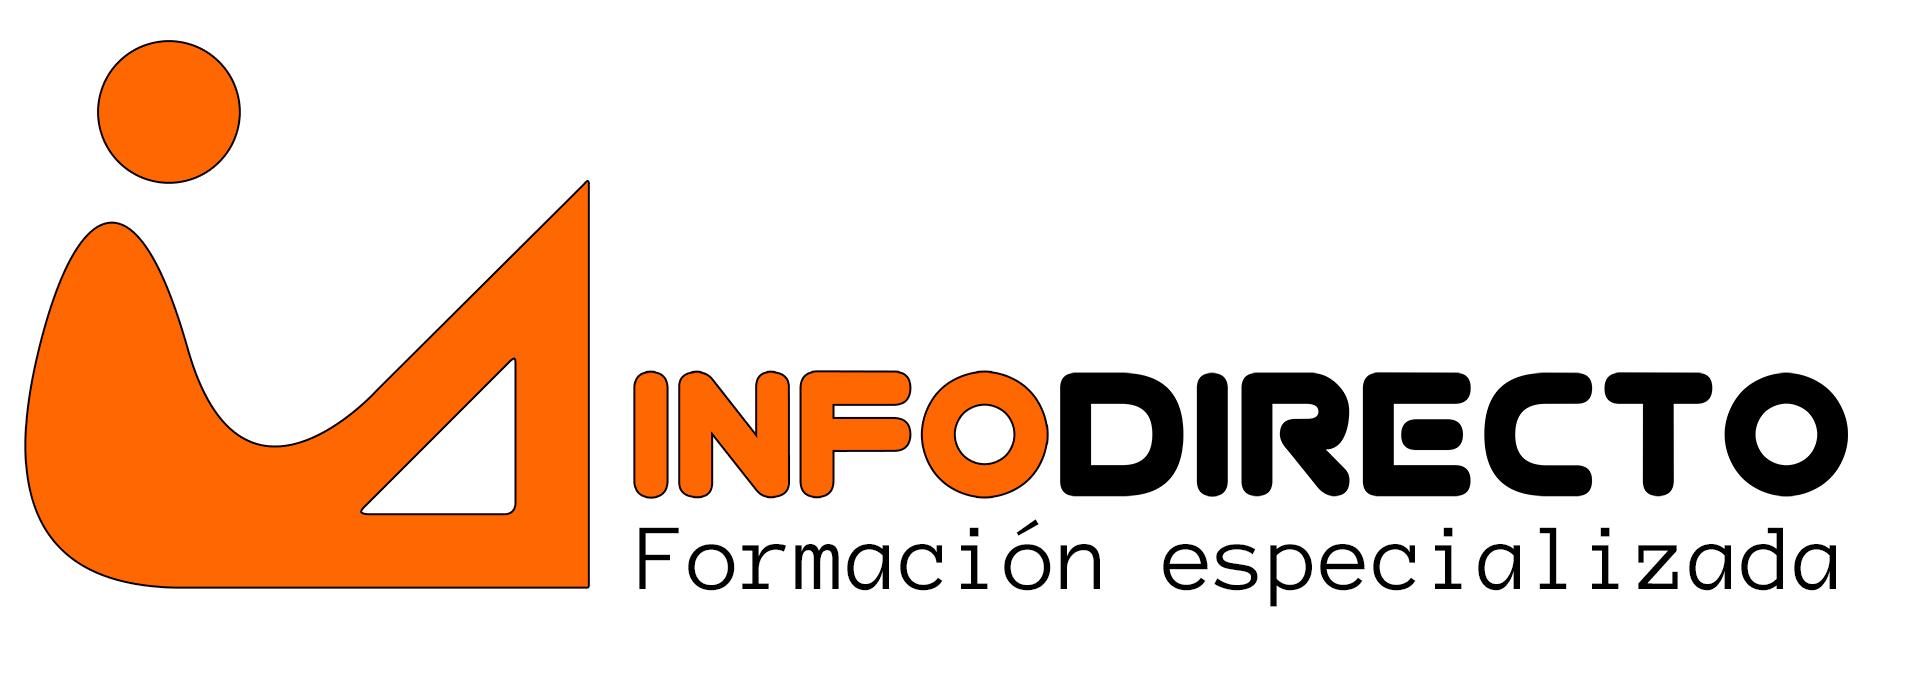 INFODIRECTO Formación. Logotipo